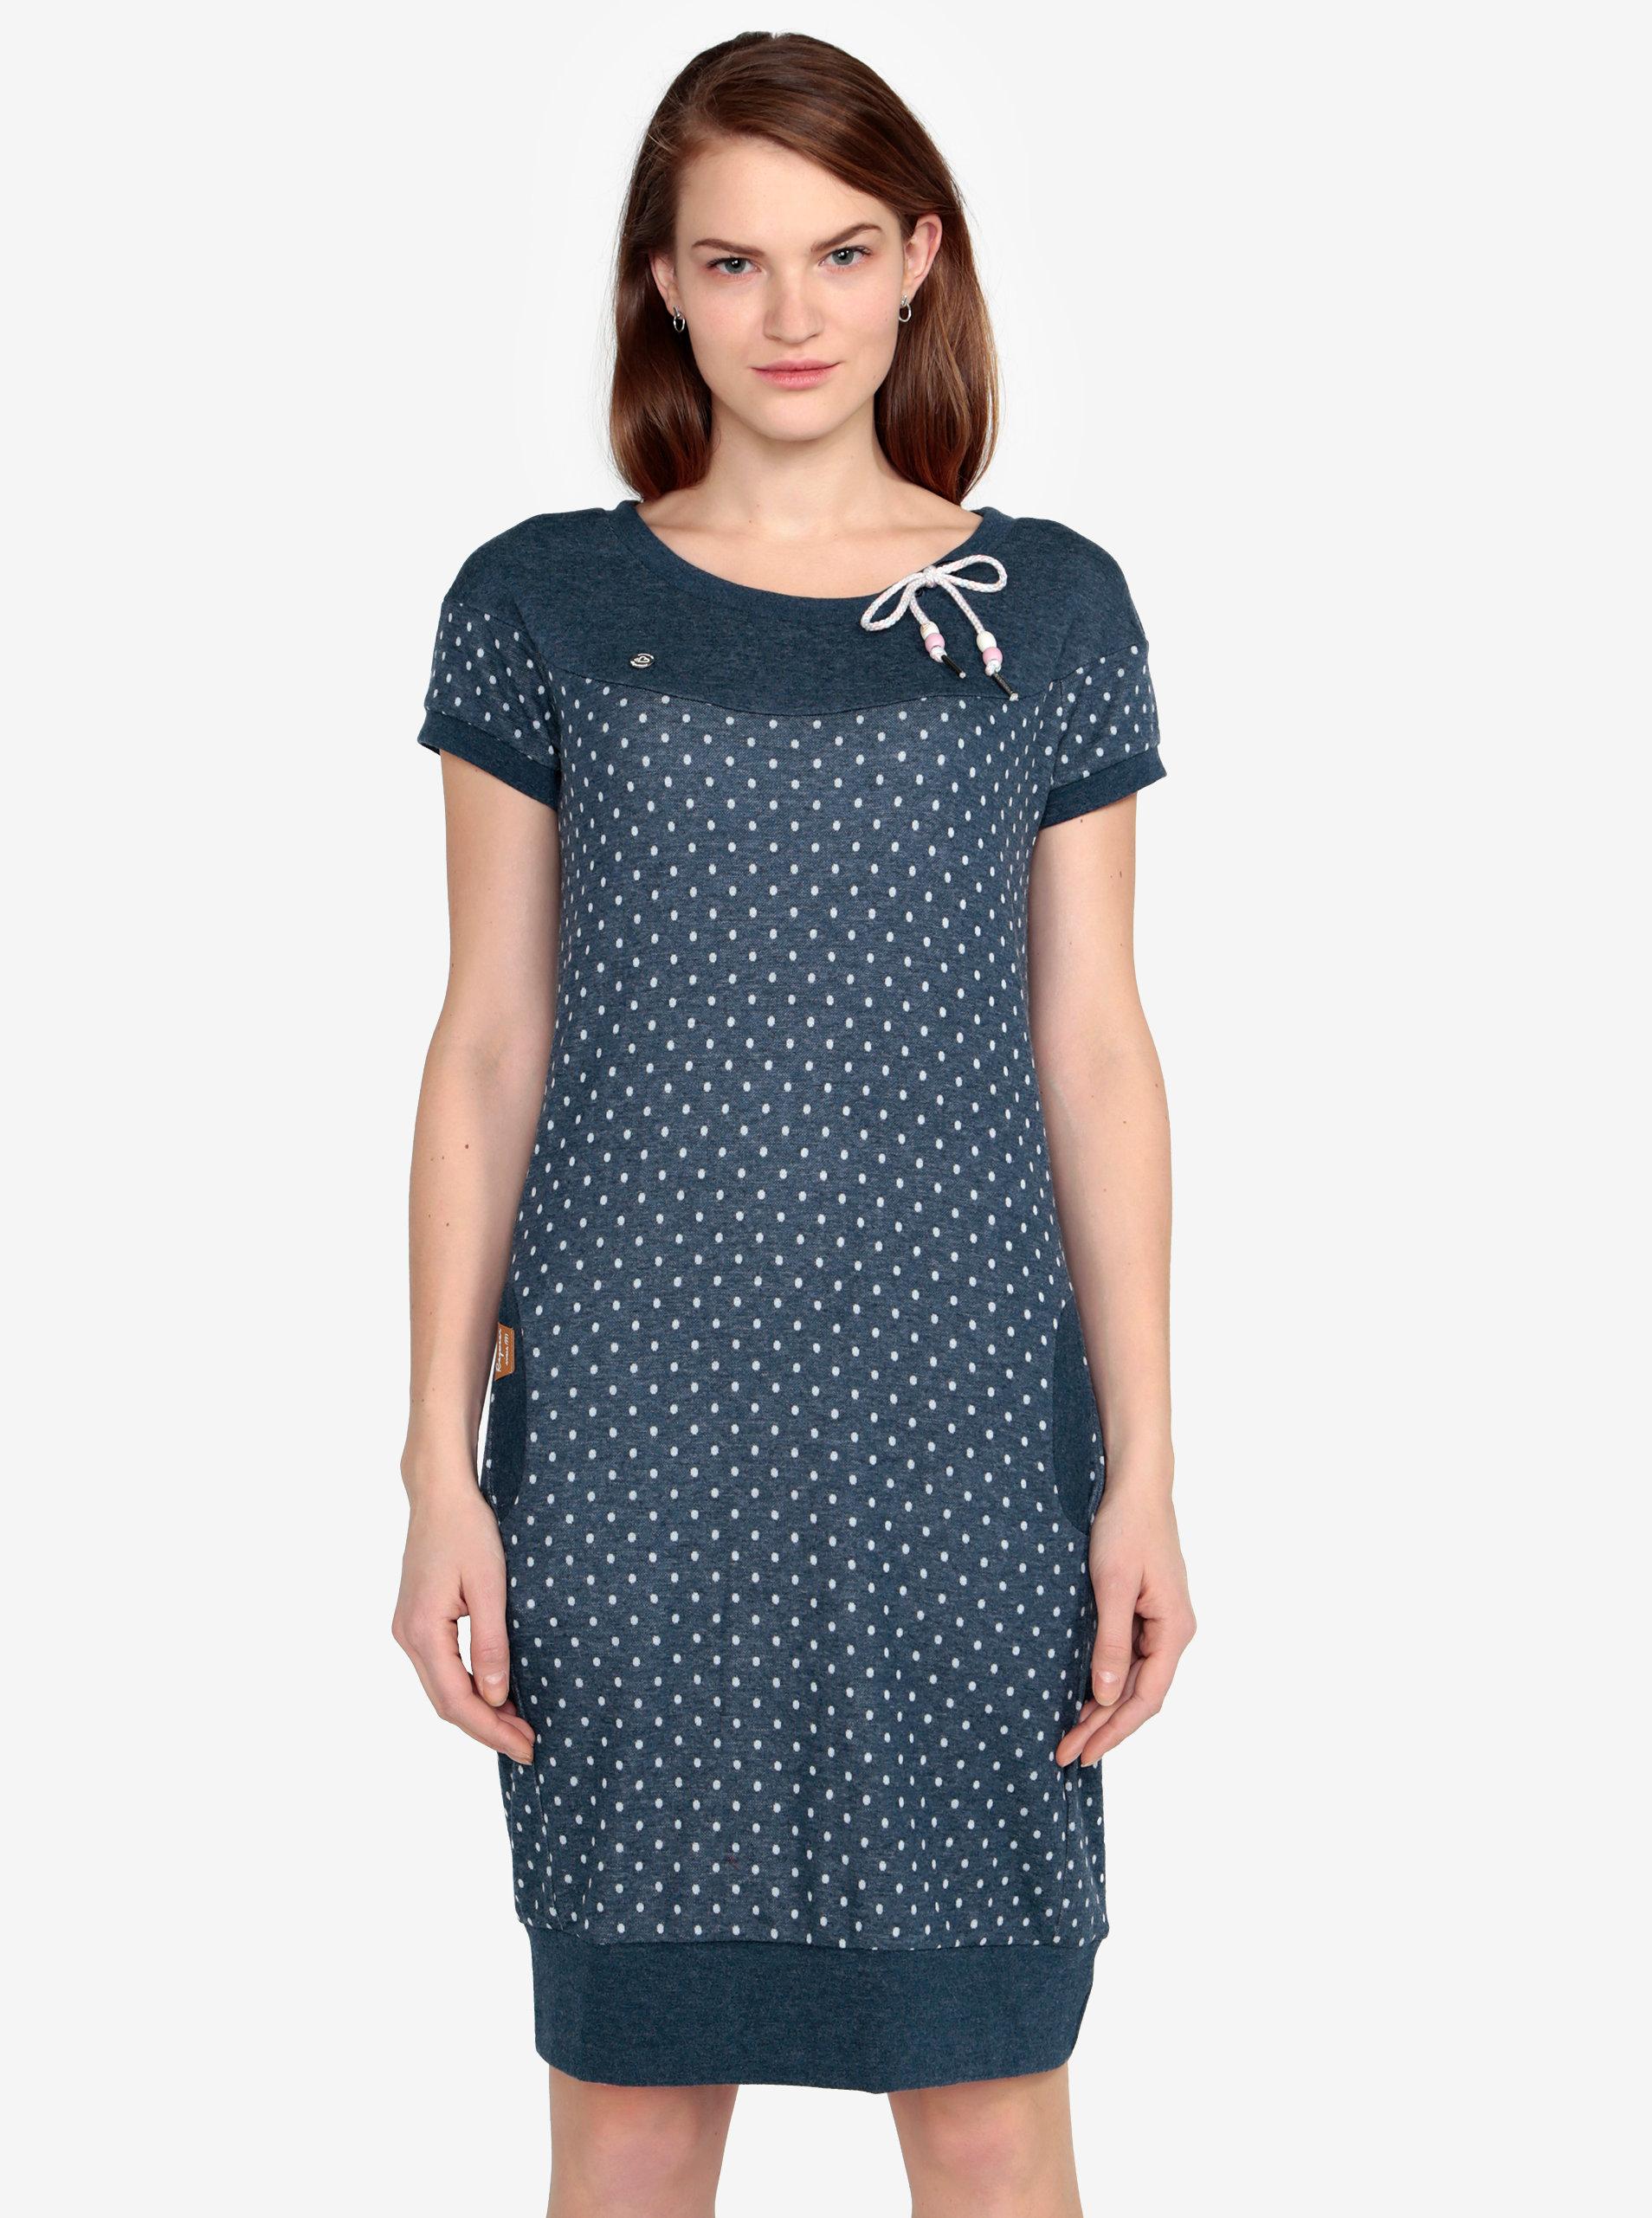 Modré puntíkované žíhané šaty Ragwear Claire ... 7180355132